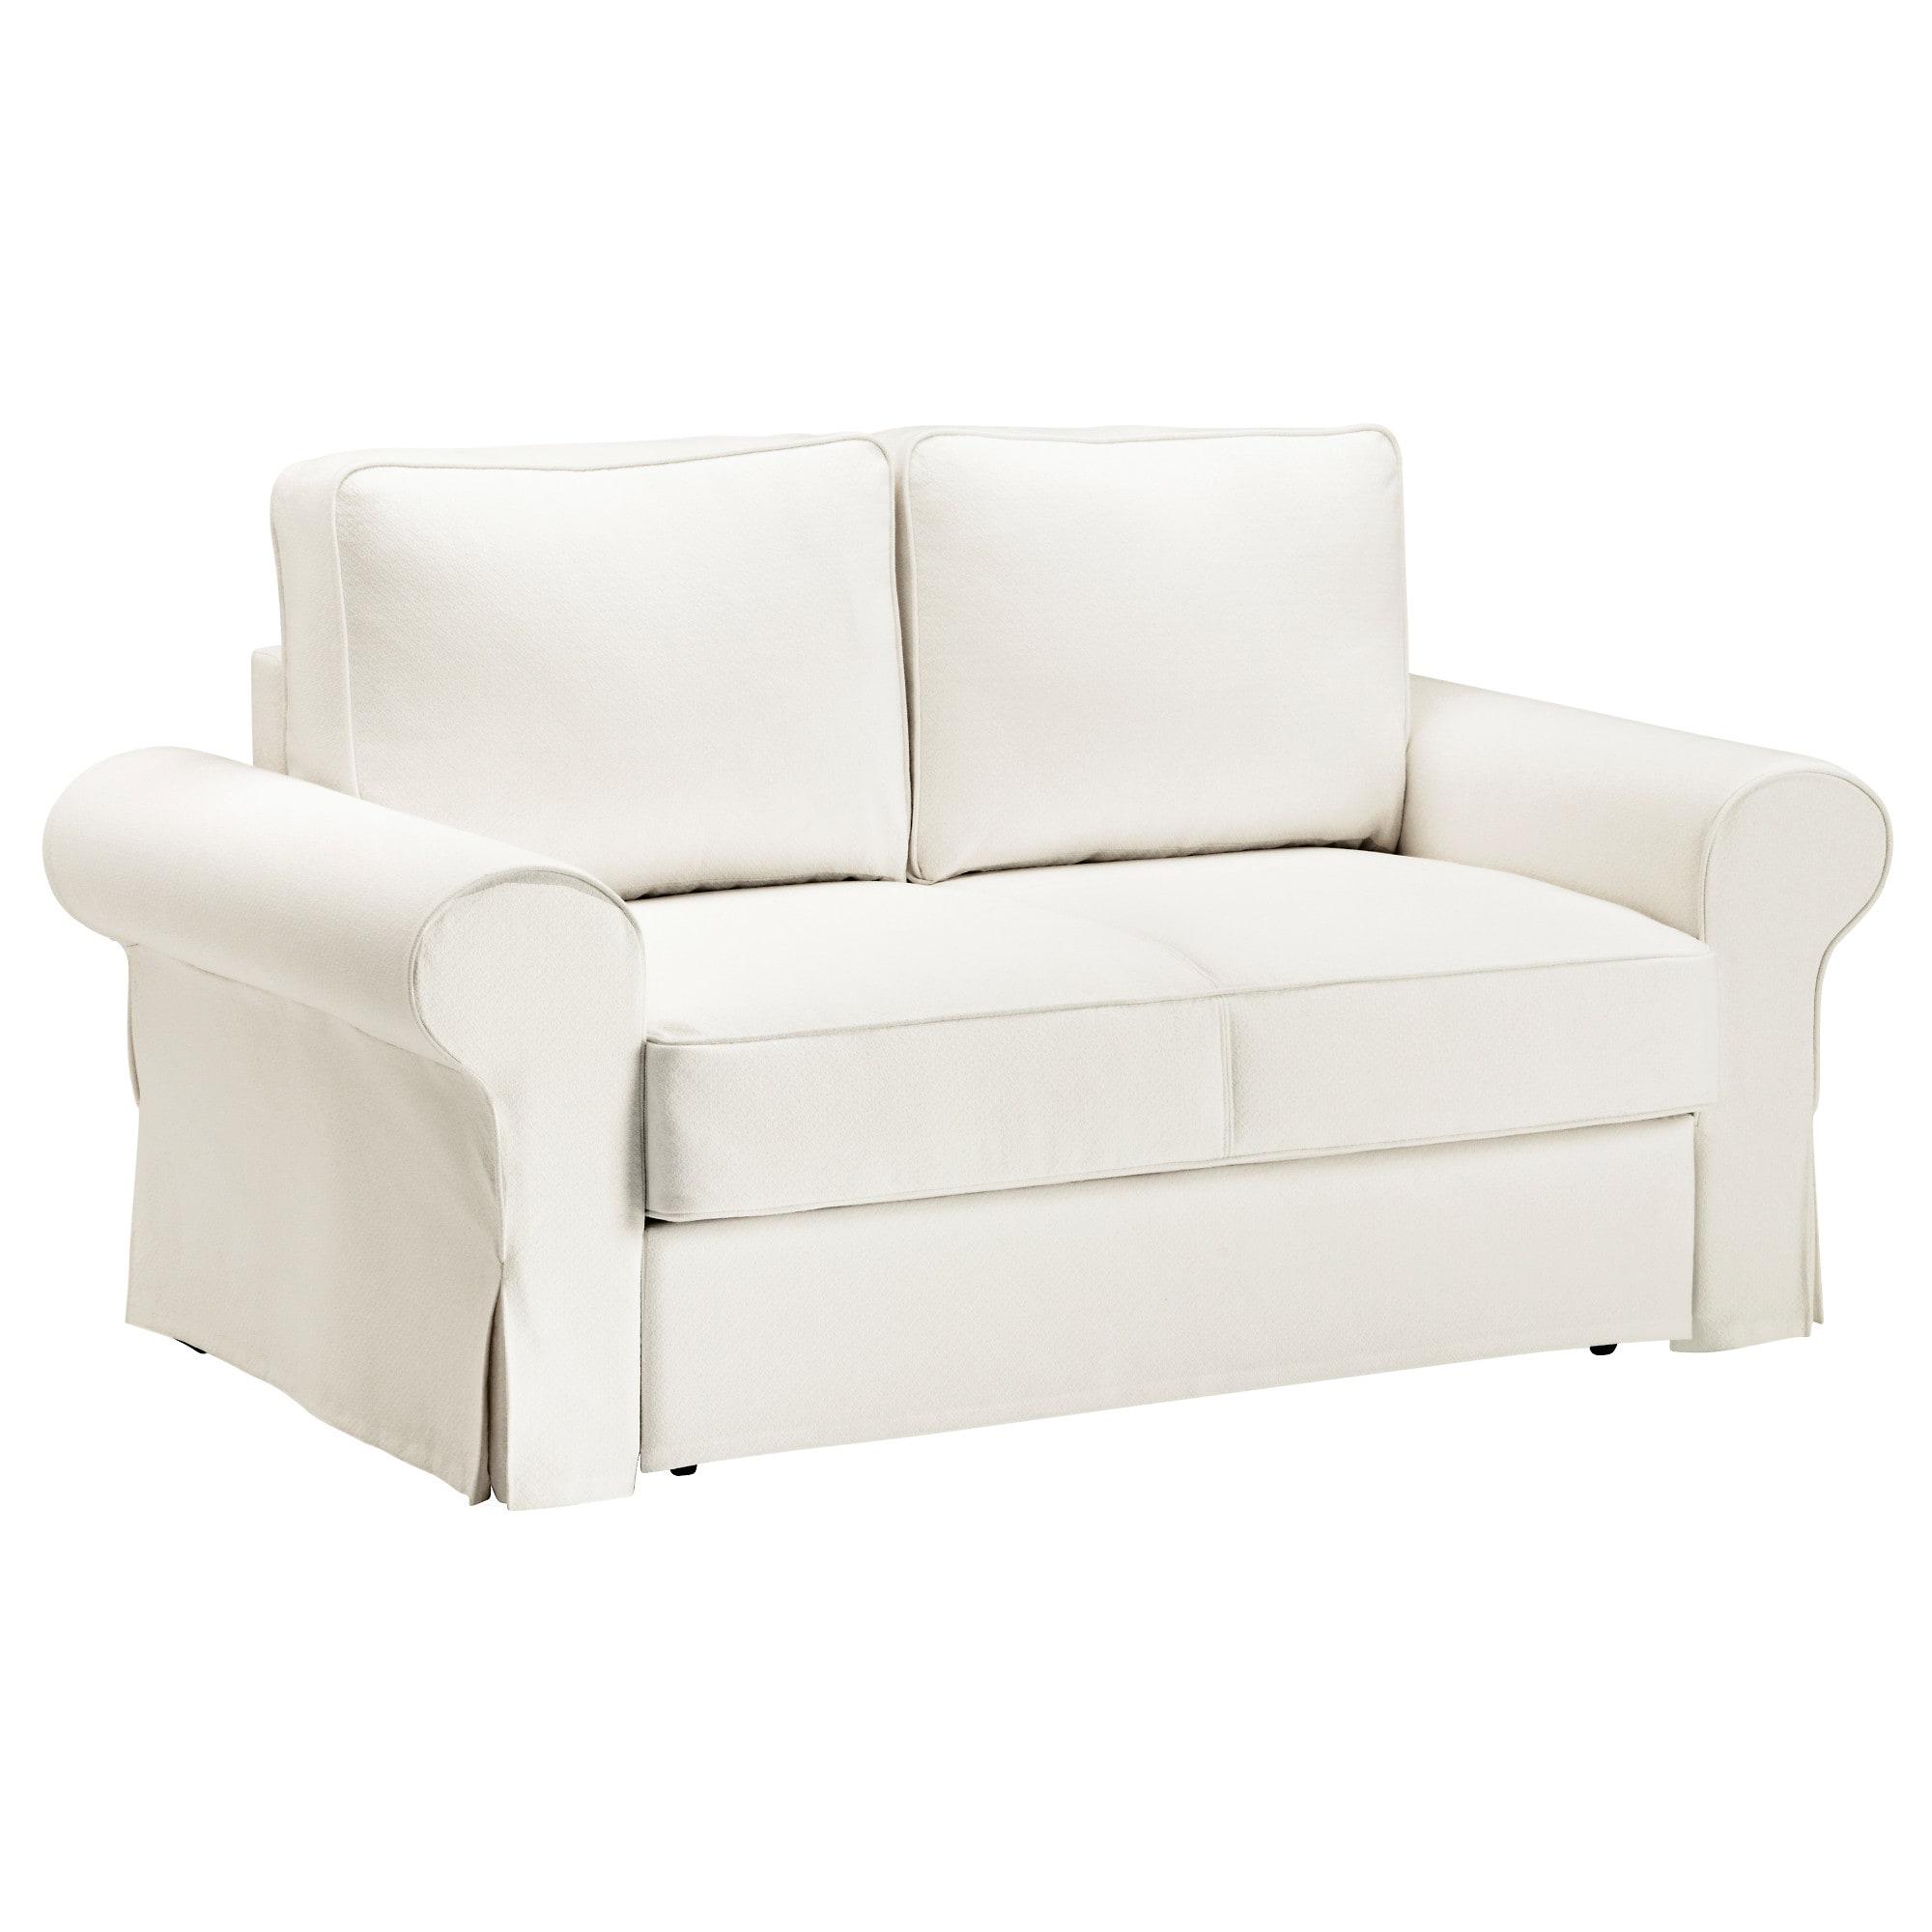 cf4d6c34a5b Sofa Cama 2 Plazas Gdd0 Backabro sofà Cama 2 Plazas Hylte Blanco Ikea